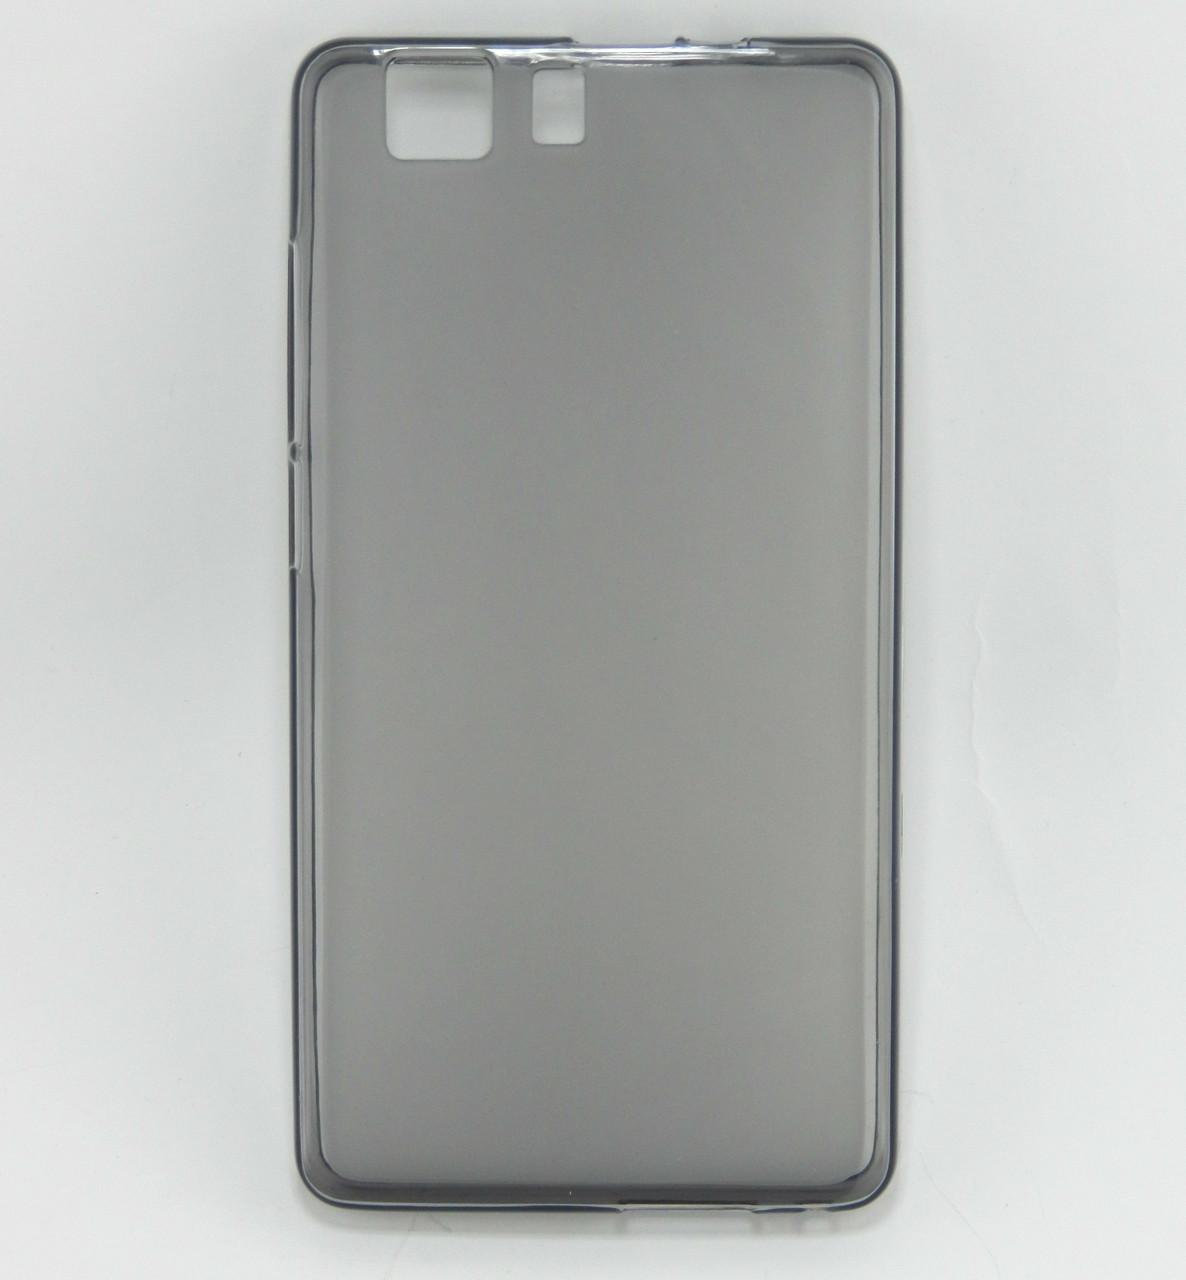 Чехол накладка для Doogee X5 / X5 Pro силиконовый матовый, Темно-серый